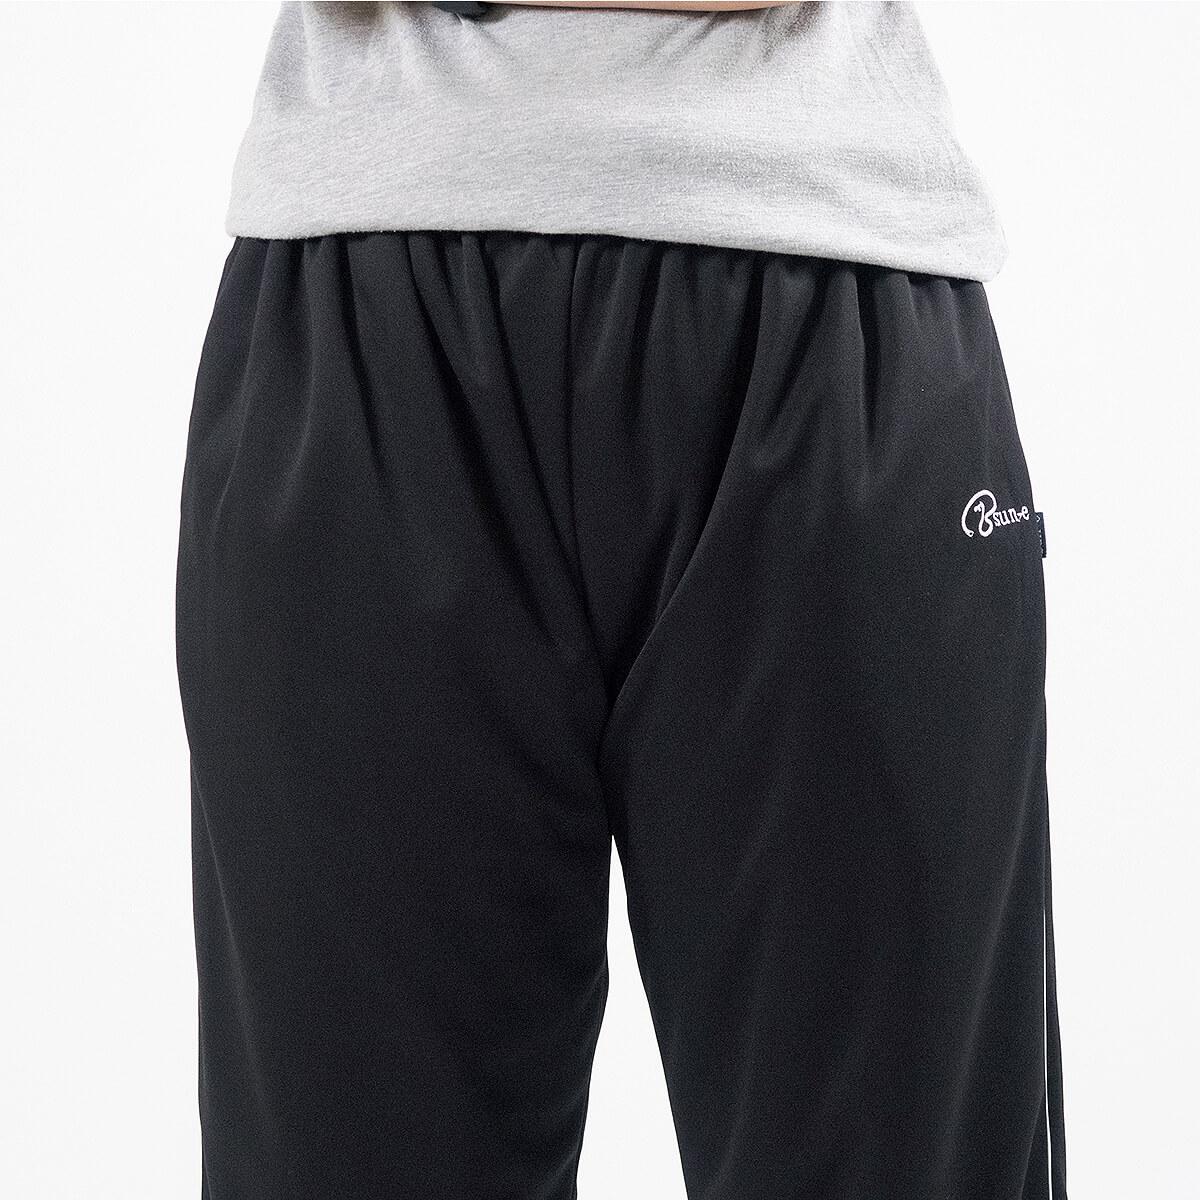 加大尺碼防潑水長褲 保暖台灣製長褲 防風休閒長褲 褲管無縮口彈性長褲 大尺碼男裝 全腰圍鬆緊帶休閒褲 黑色長褲 Made In Taiwan Big And Tall Water Repellent Pants Casual Pants (310-2056-08)深藍色、(310-2056-21)黑色、(310-2056-22)深灰色 4L 5L (腰圍:97~119公分  /  38~47英吋) 男女可穿 [實體店面保障] sun-e 6